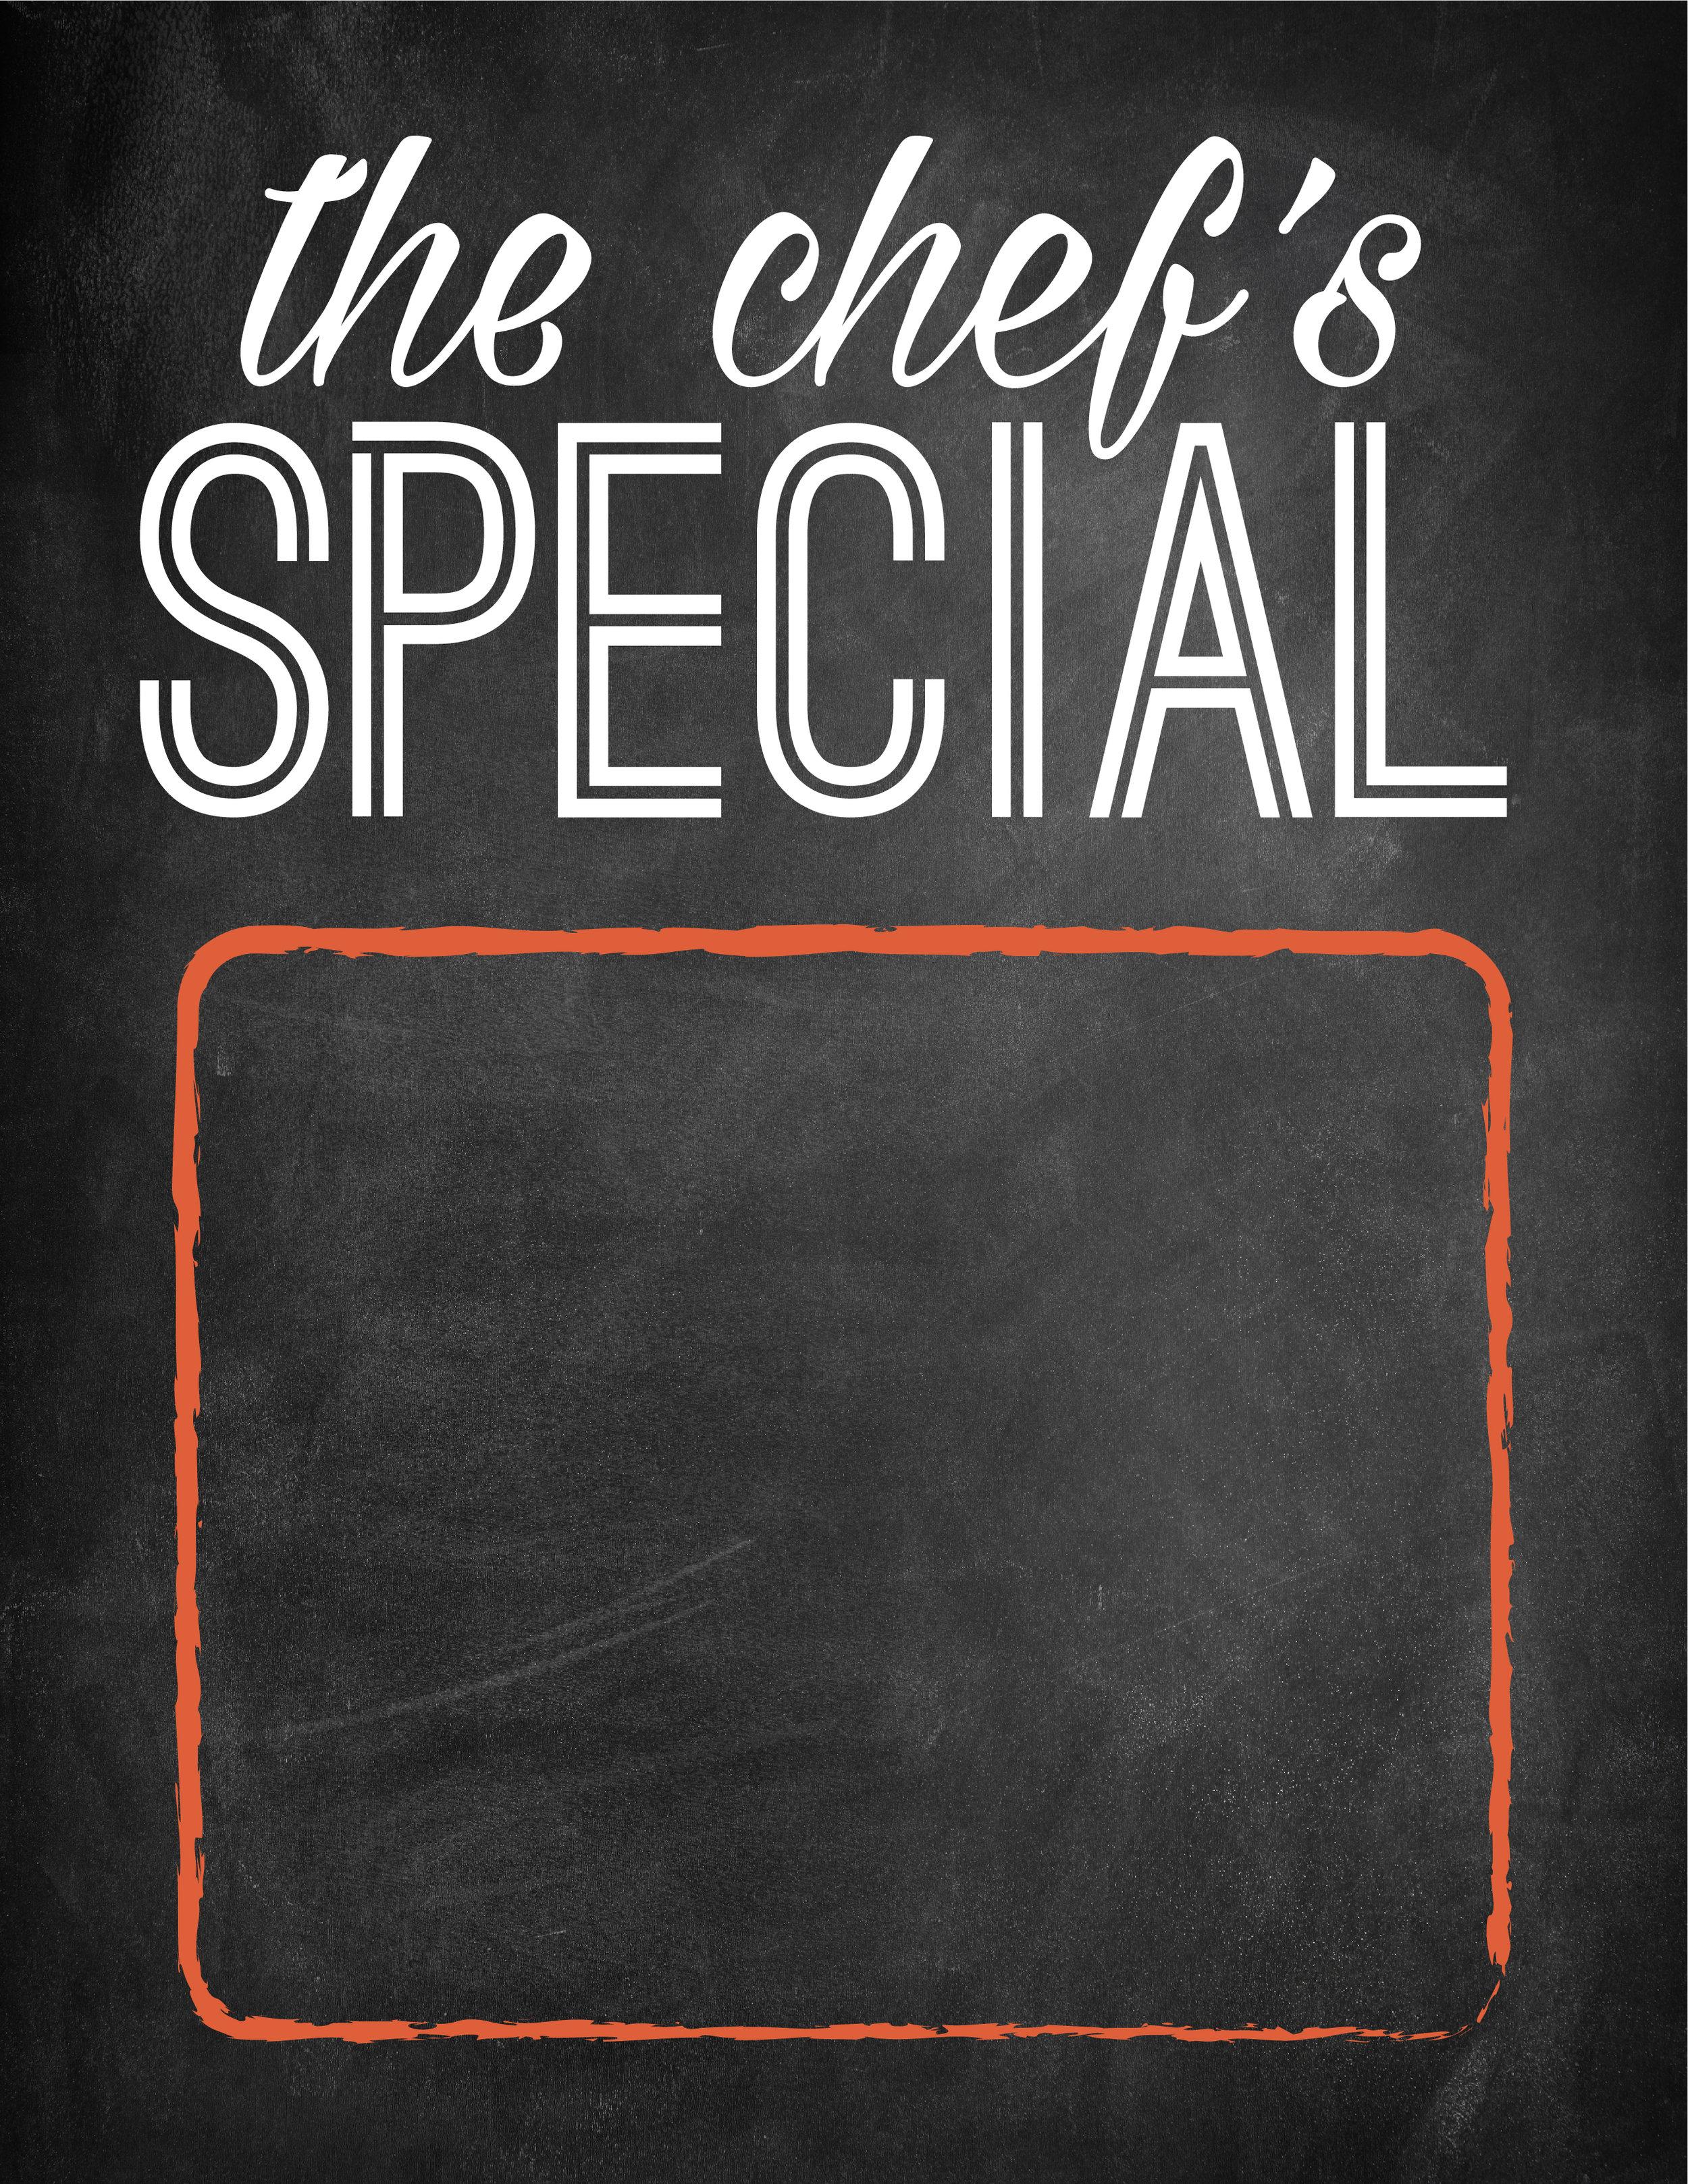 ChefsCreationsChalkboards_Small_FINAL-03.jpg